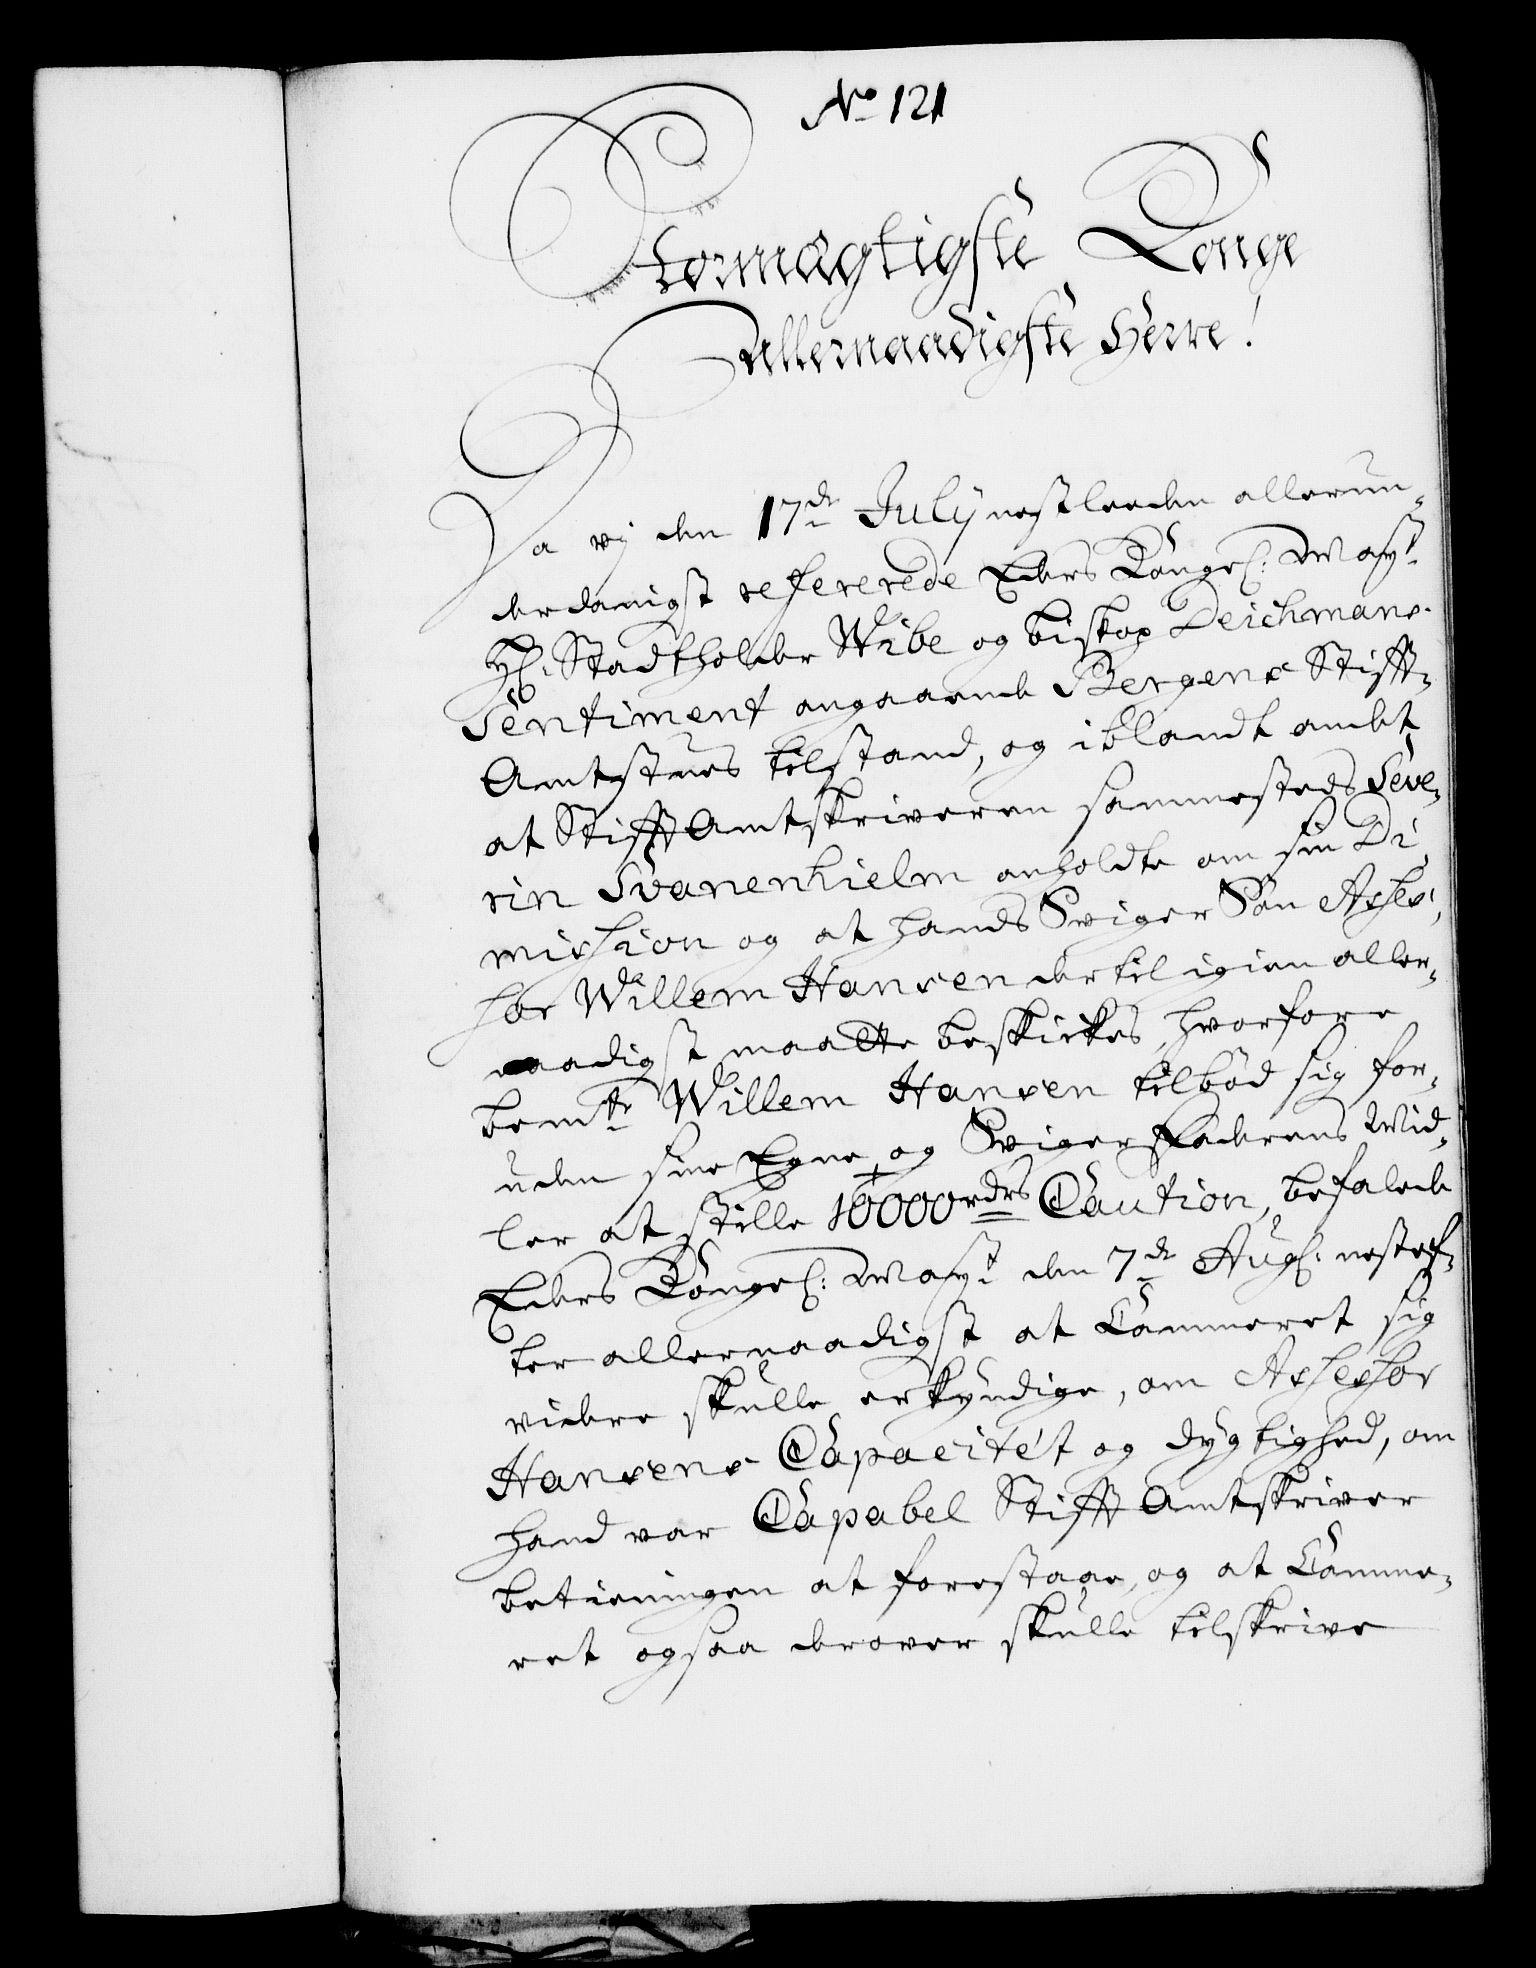 RA, Rentekammeret, Kammerkanselliet, G/Gf/Gfa/L0007: Norsk relasjons- og resolusjonsprotokoll (merket RK 52.7), 1724, s. 811